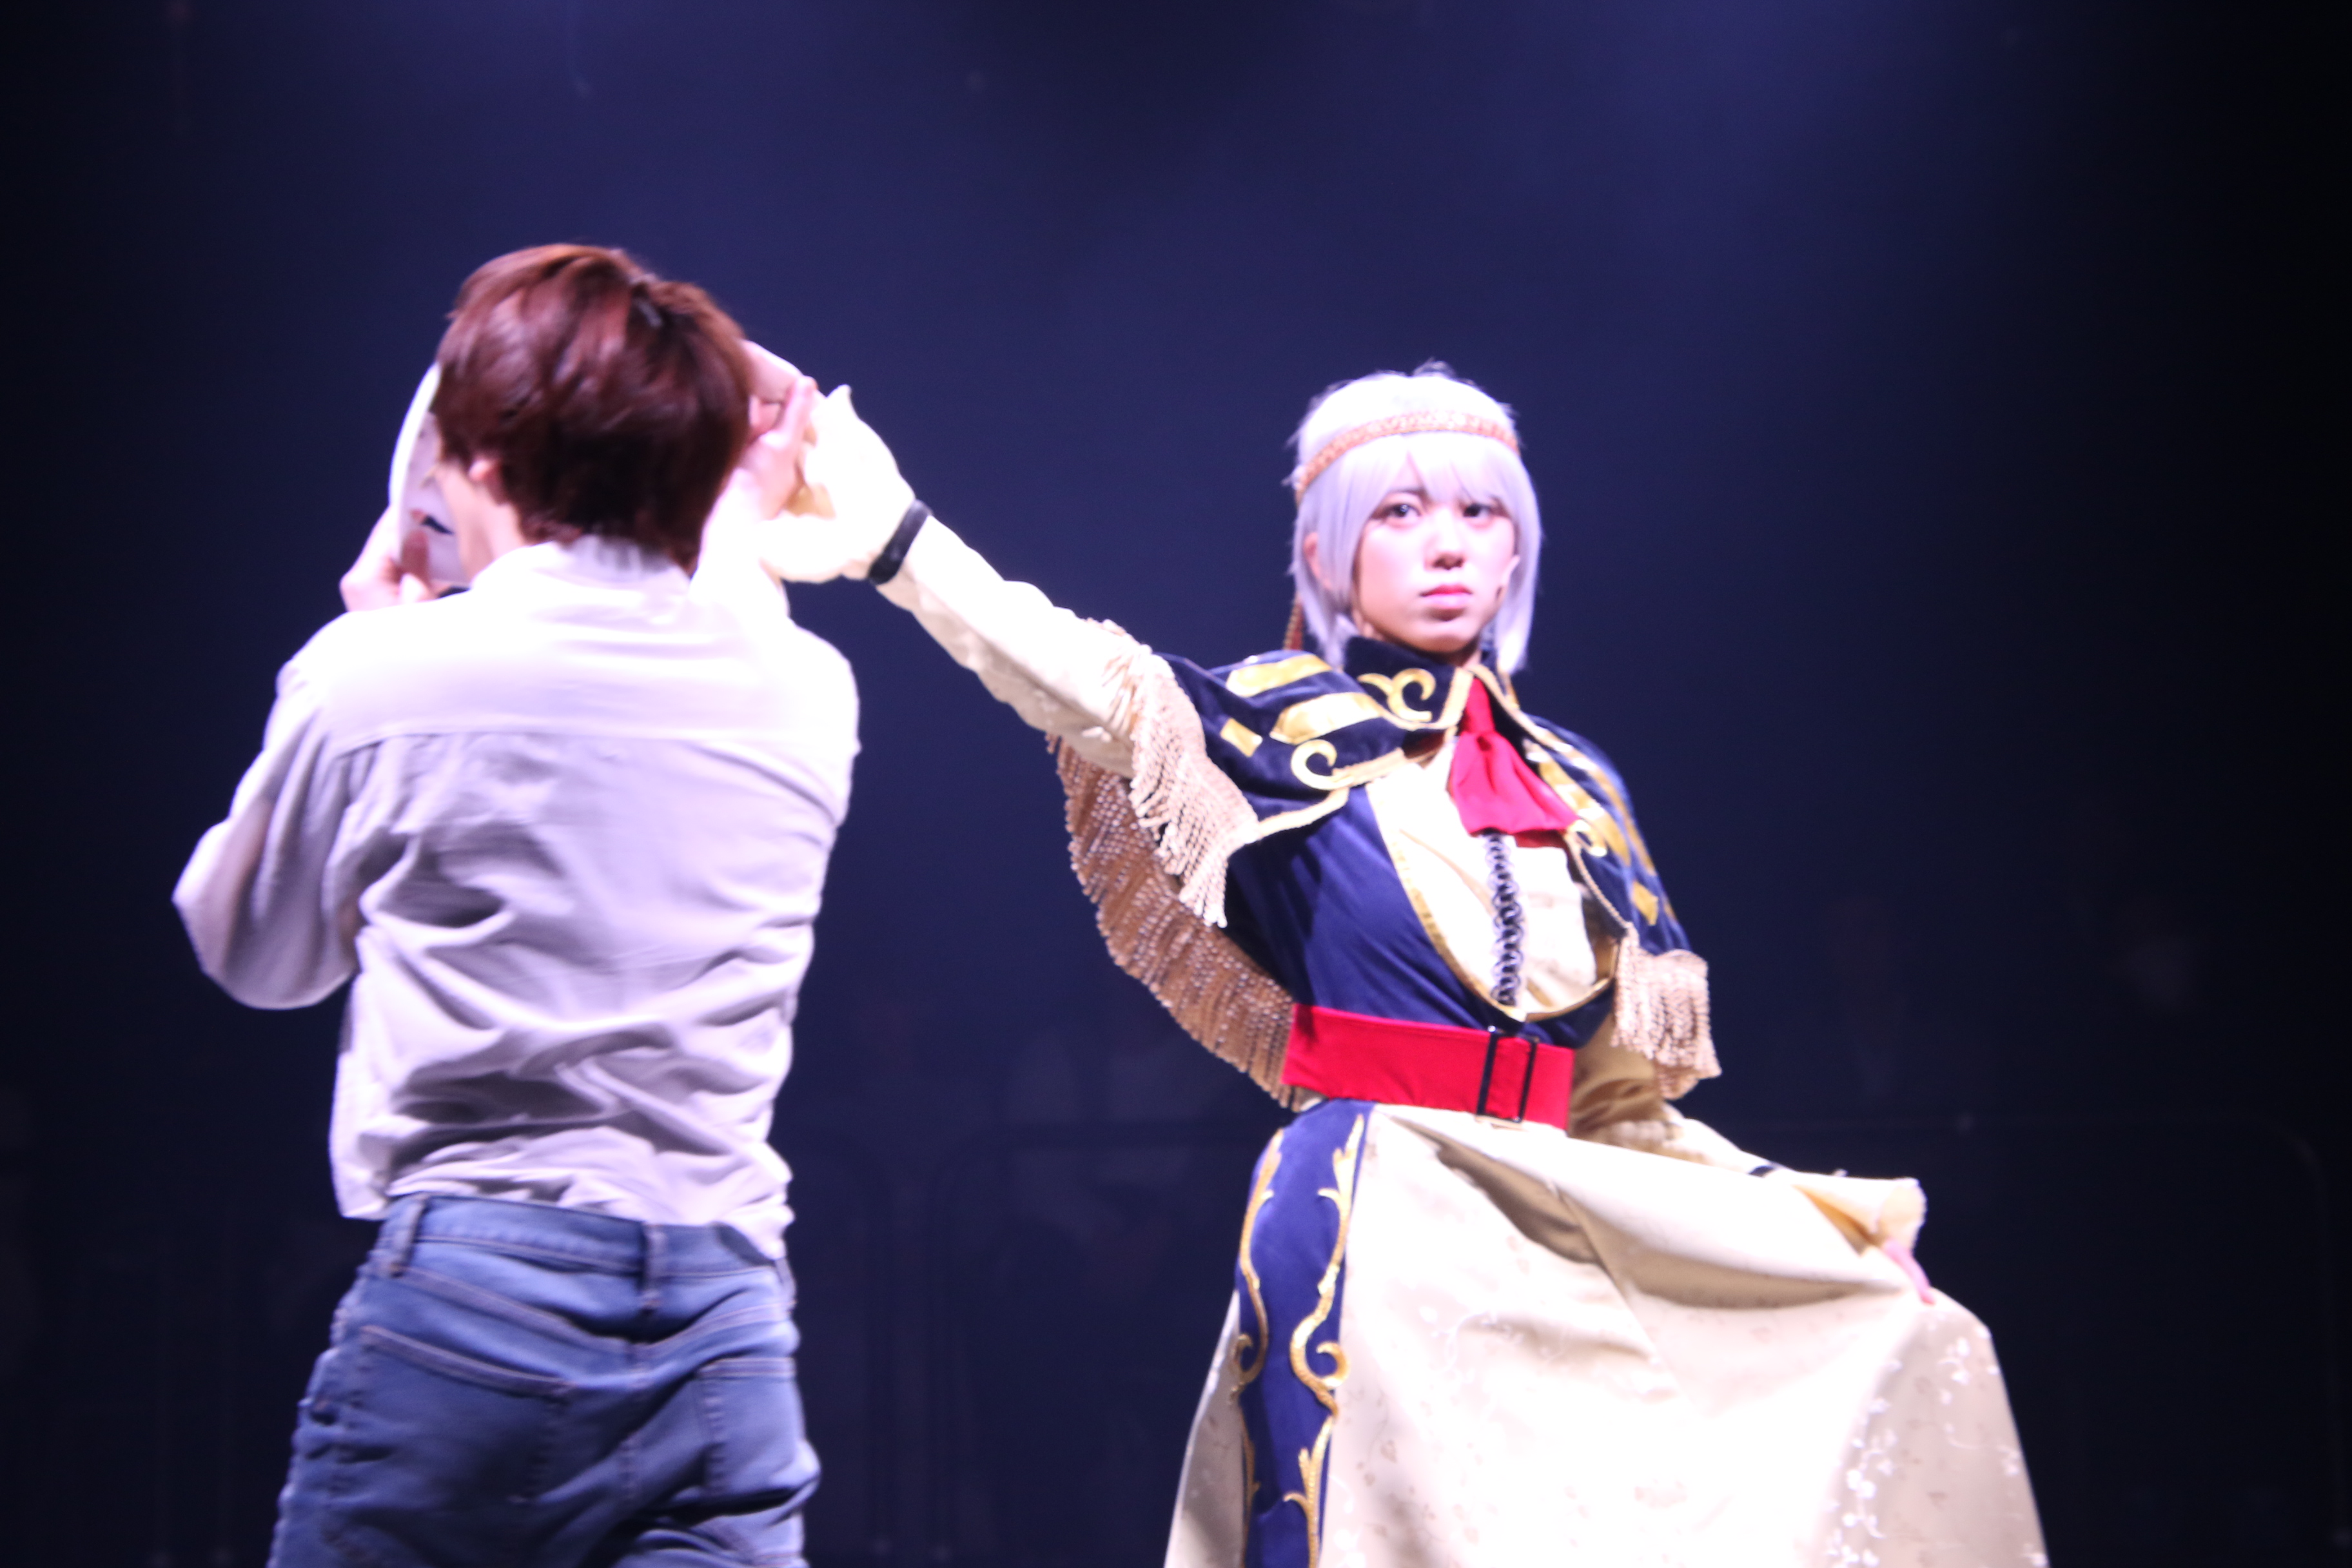 舞台劇「からくりサーカス」(ゲネ)での大西桃香